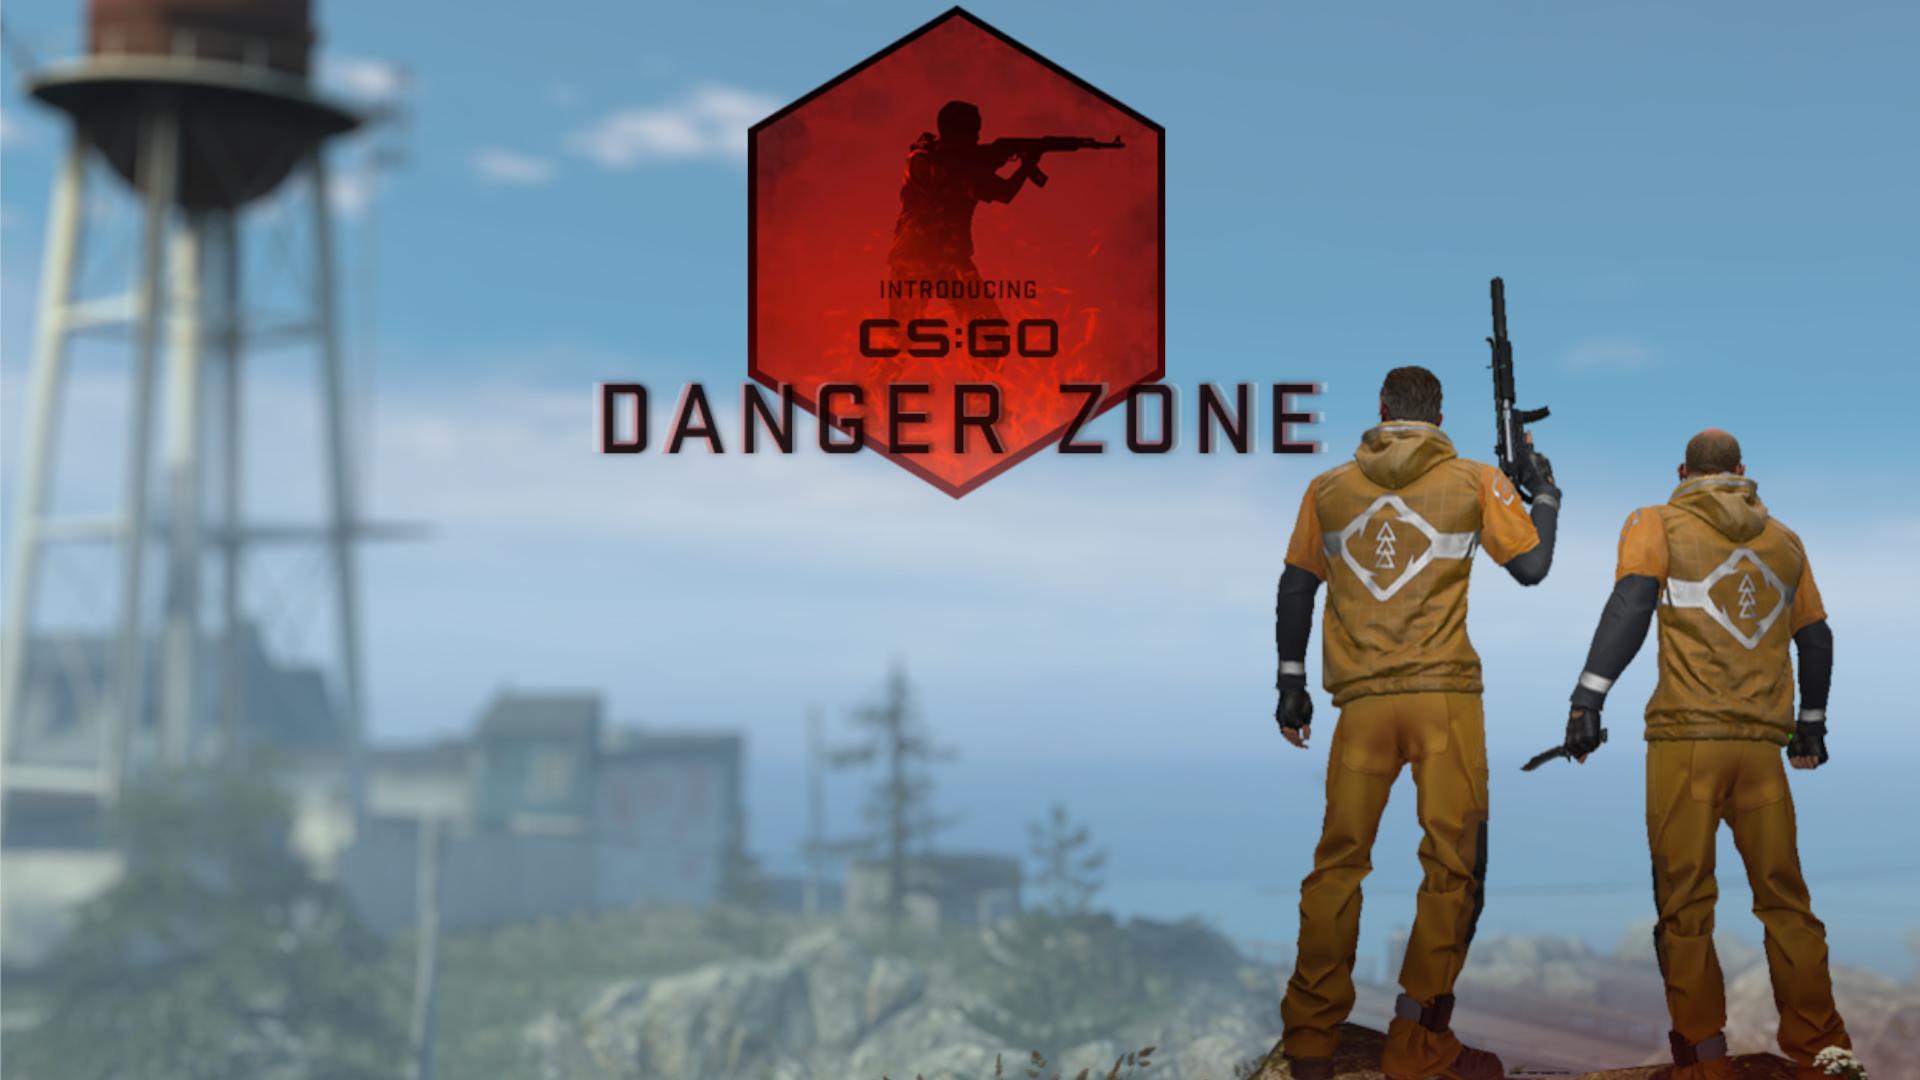 Ilustração promocional do modo Danger Zone de CS:GO, com dois personagens armados e com casaco amarelo